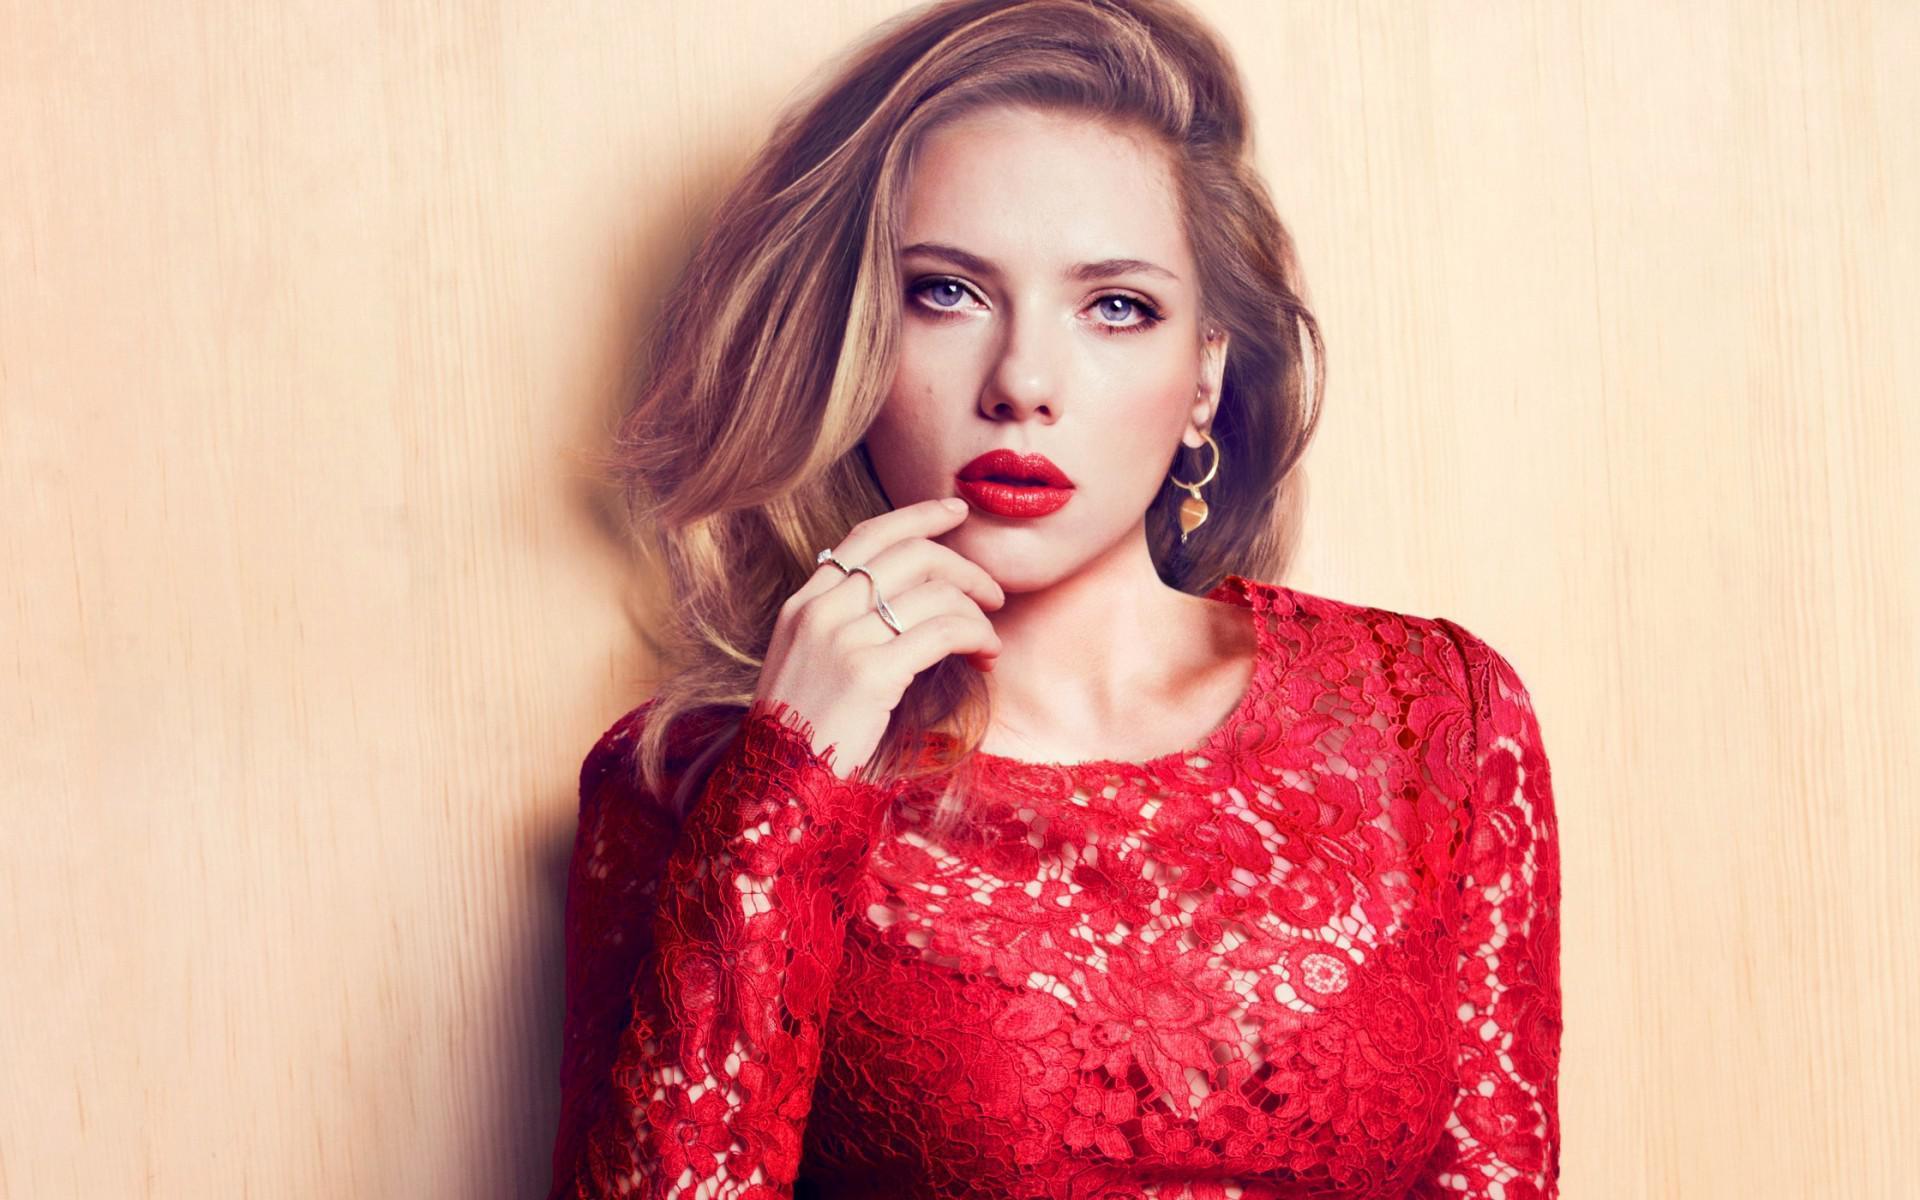 ドレスのお色直しは カラードレス『赤』が 今から流行りが来る!?のサムネイル画像